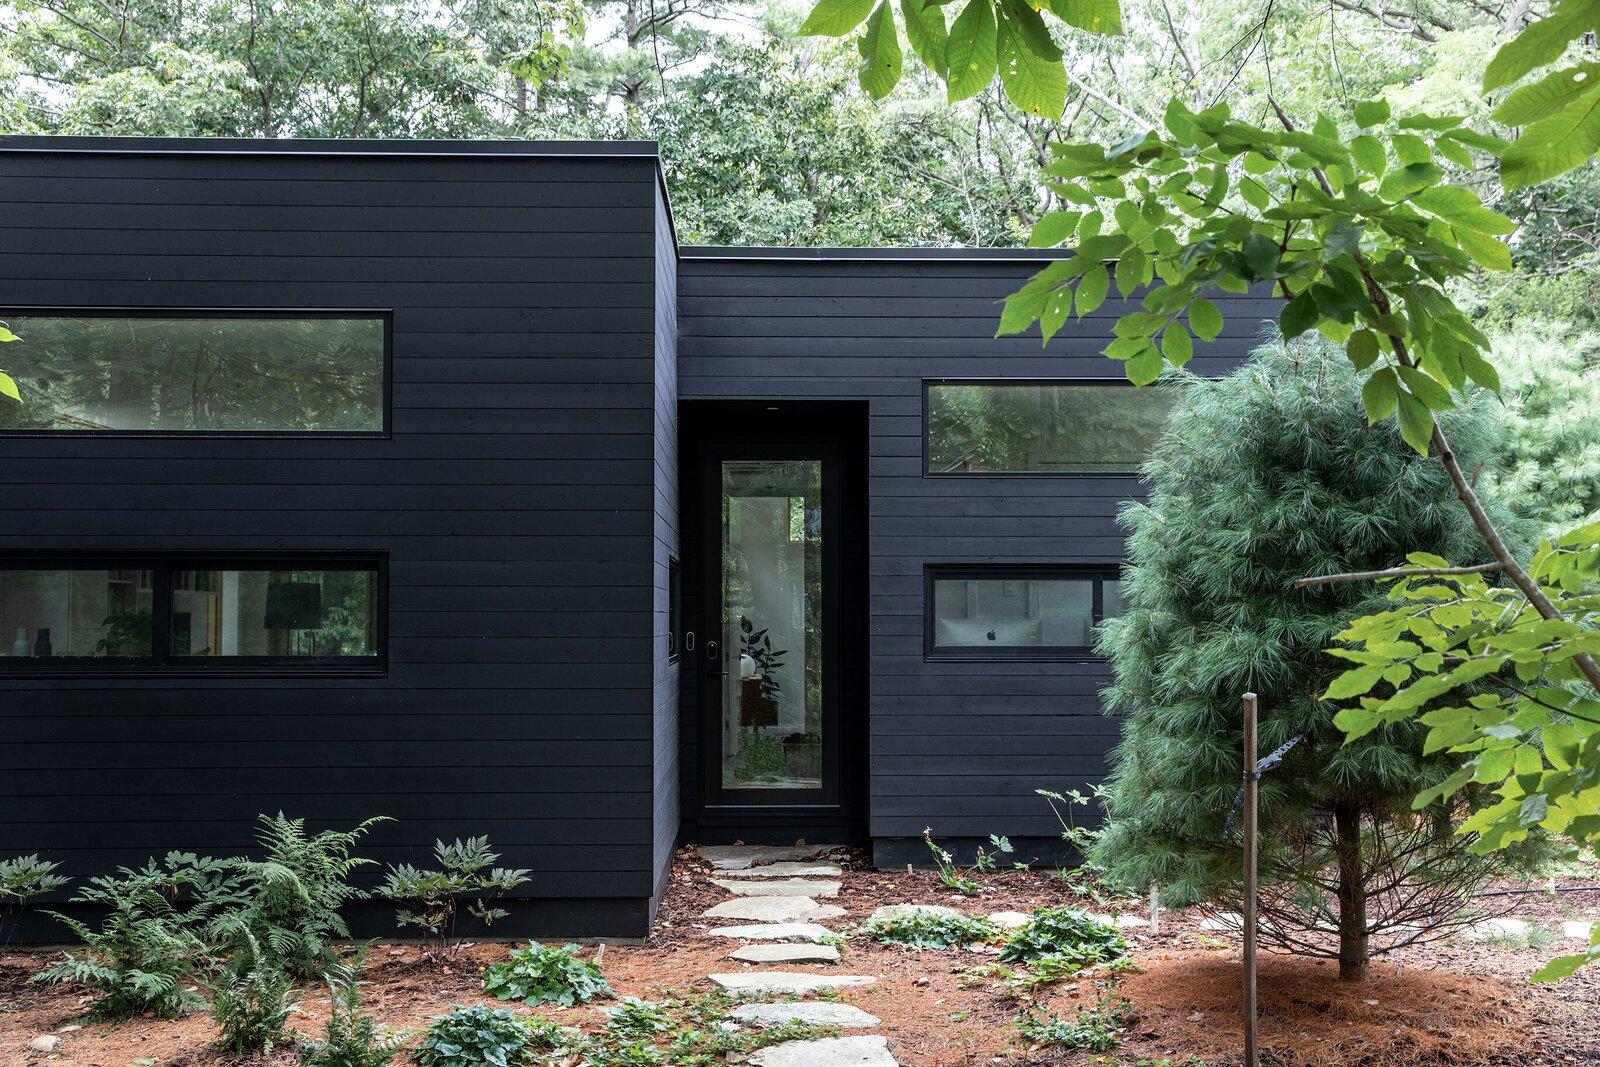 The Bracy Cottage